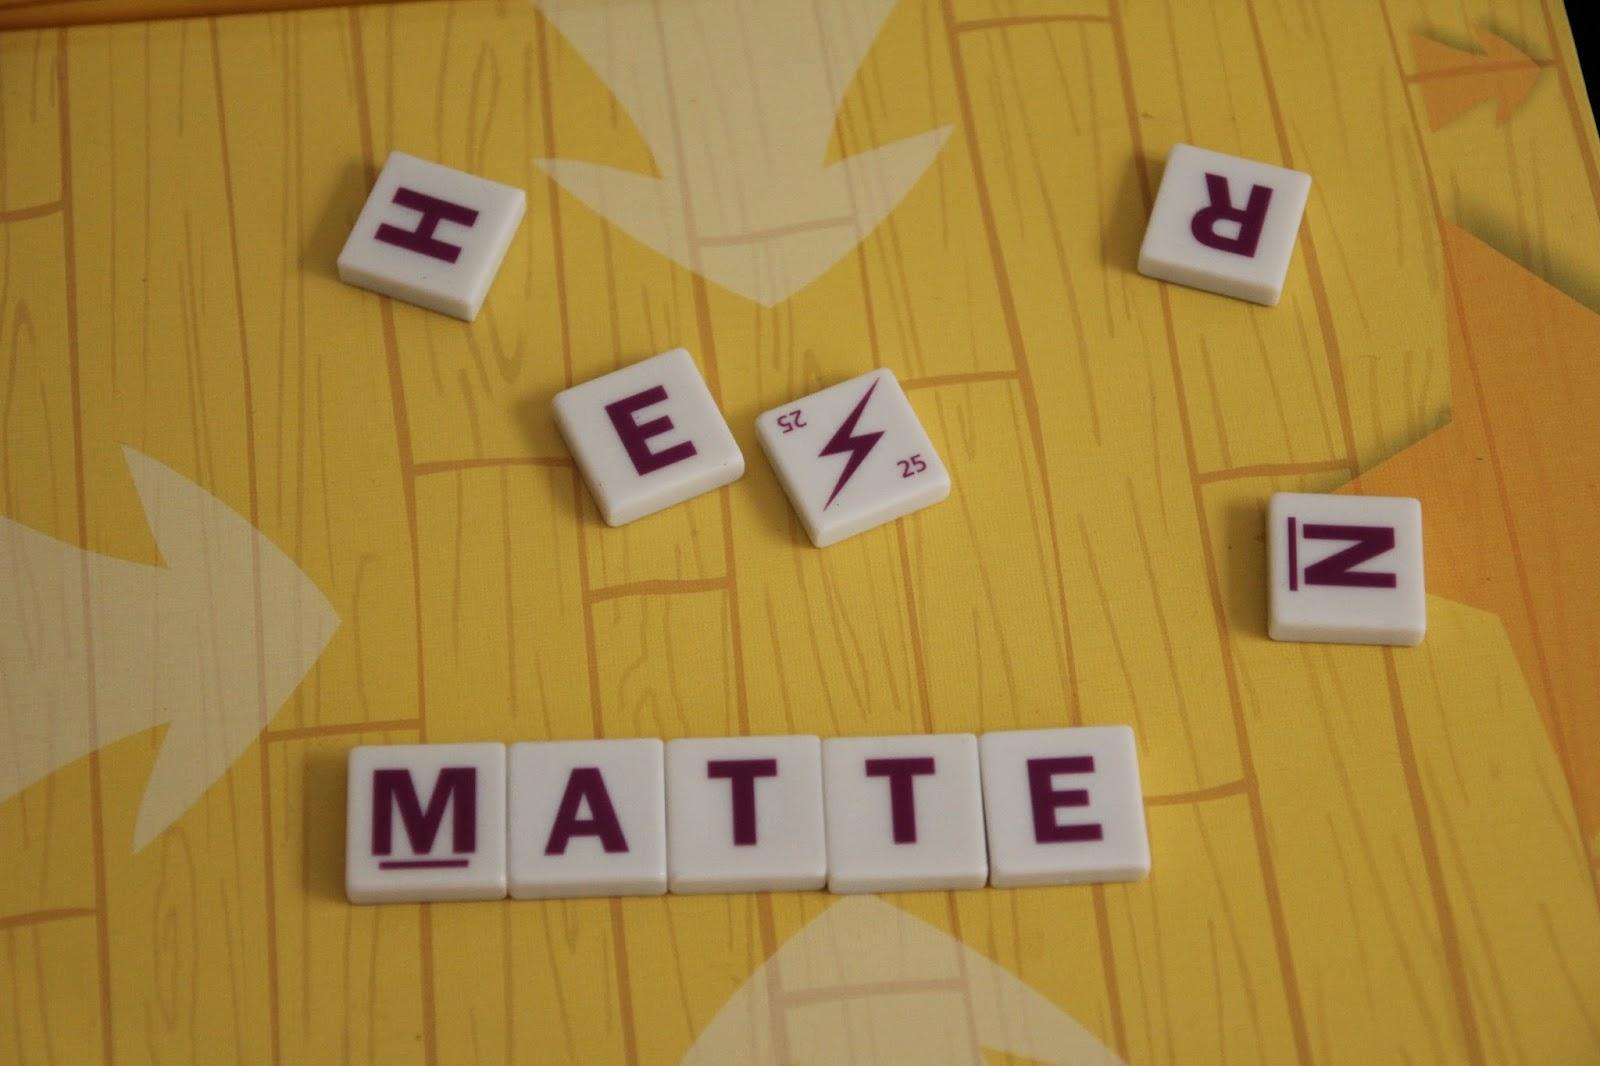 aus buchstaben wörter bilden spielen